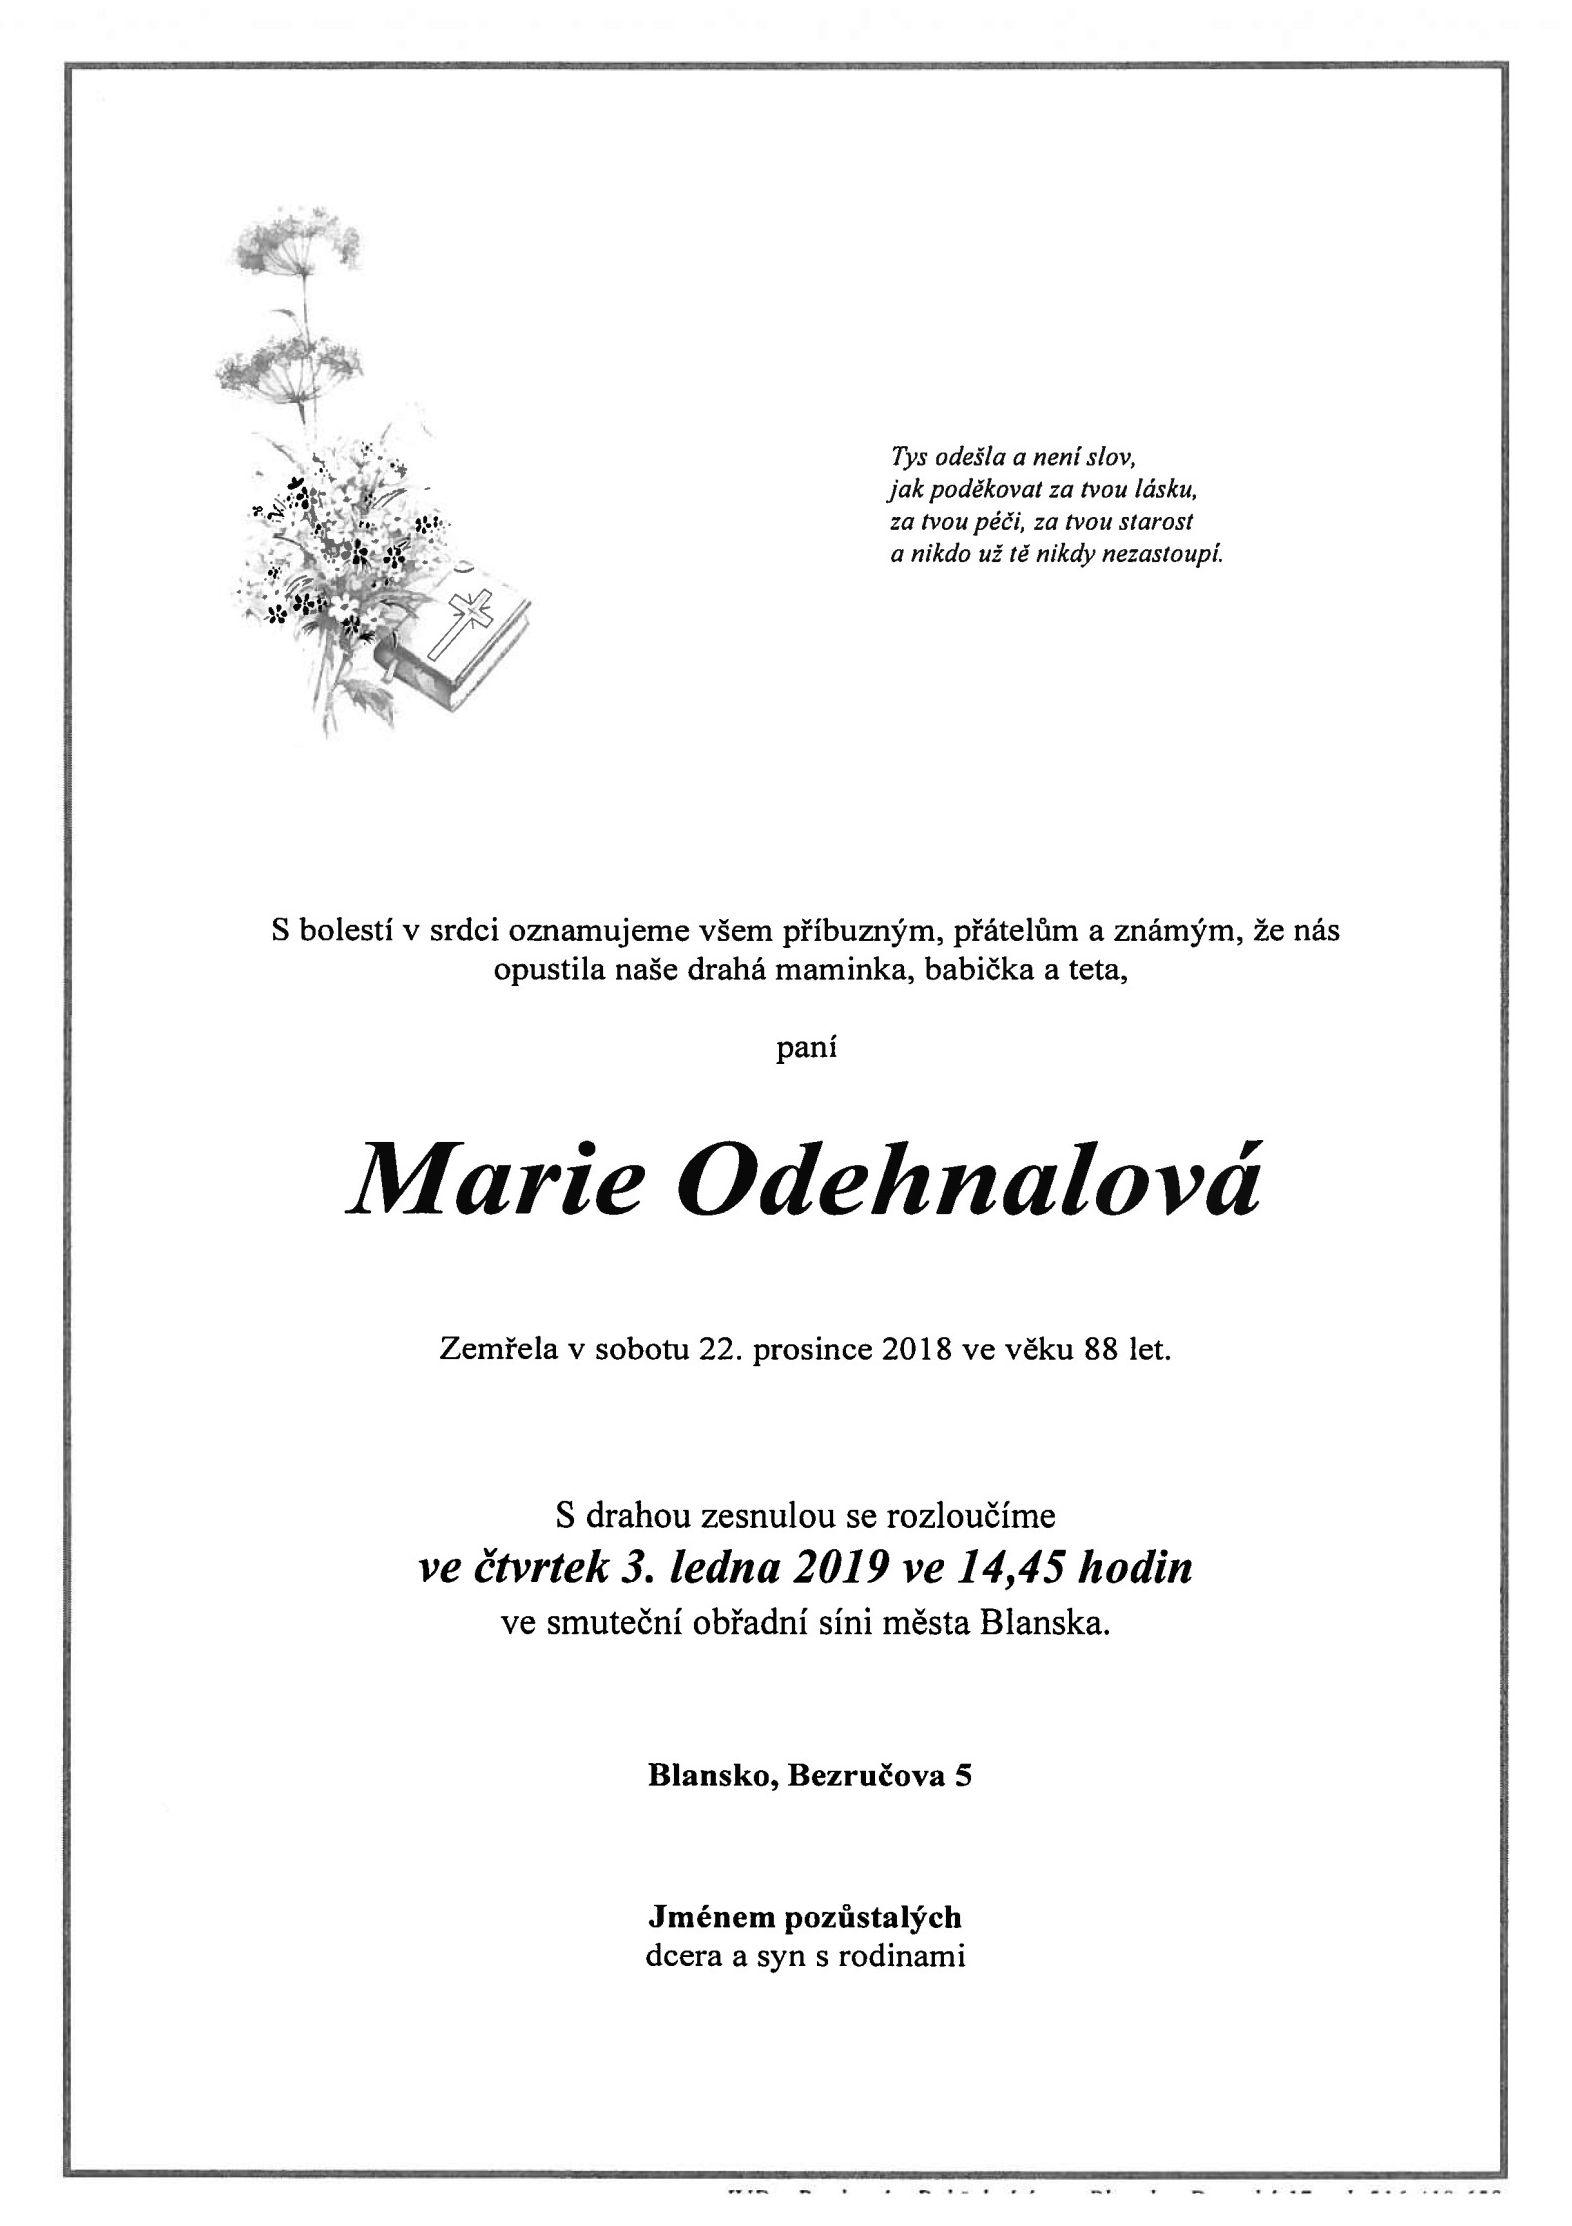 Marie Odehnalová